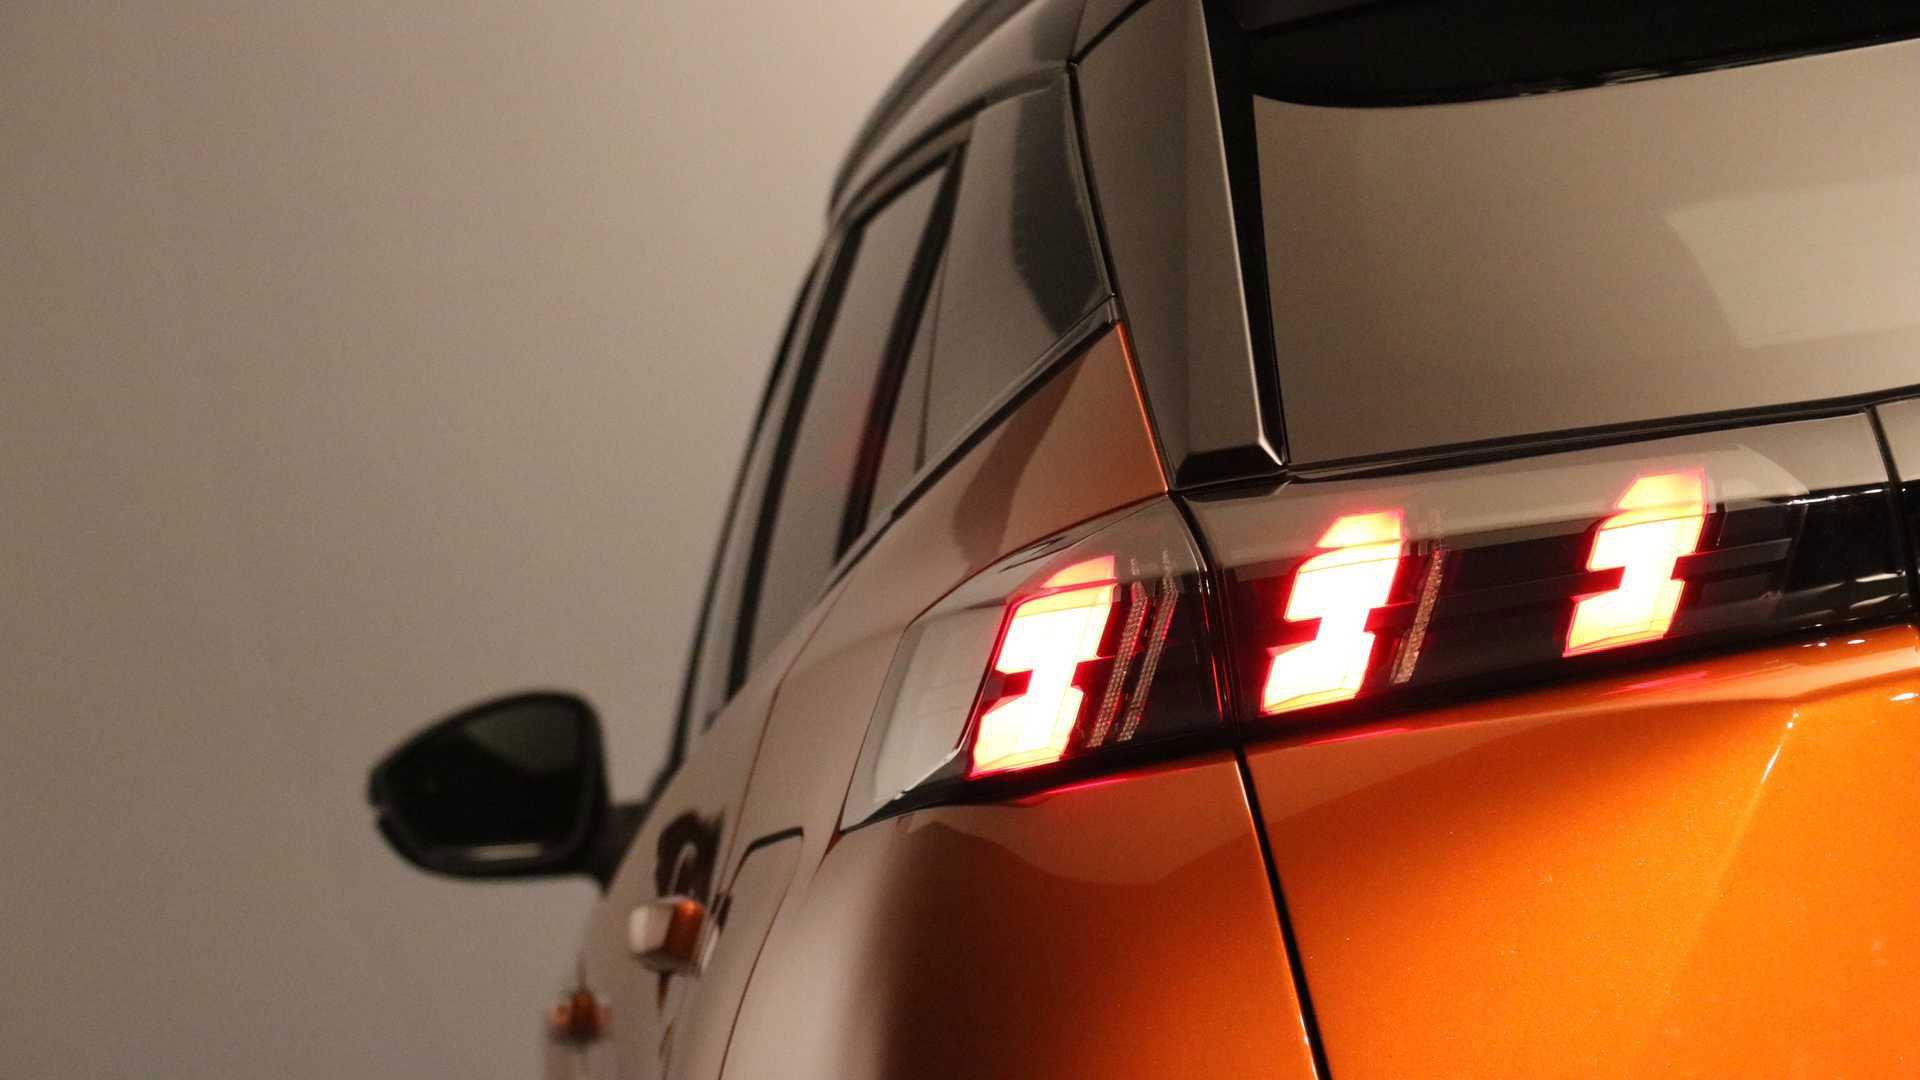 پژو ۲۰۰۸ مدل ۲۰۲۰